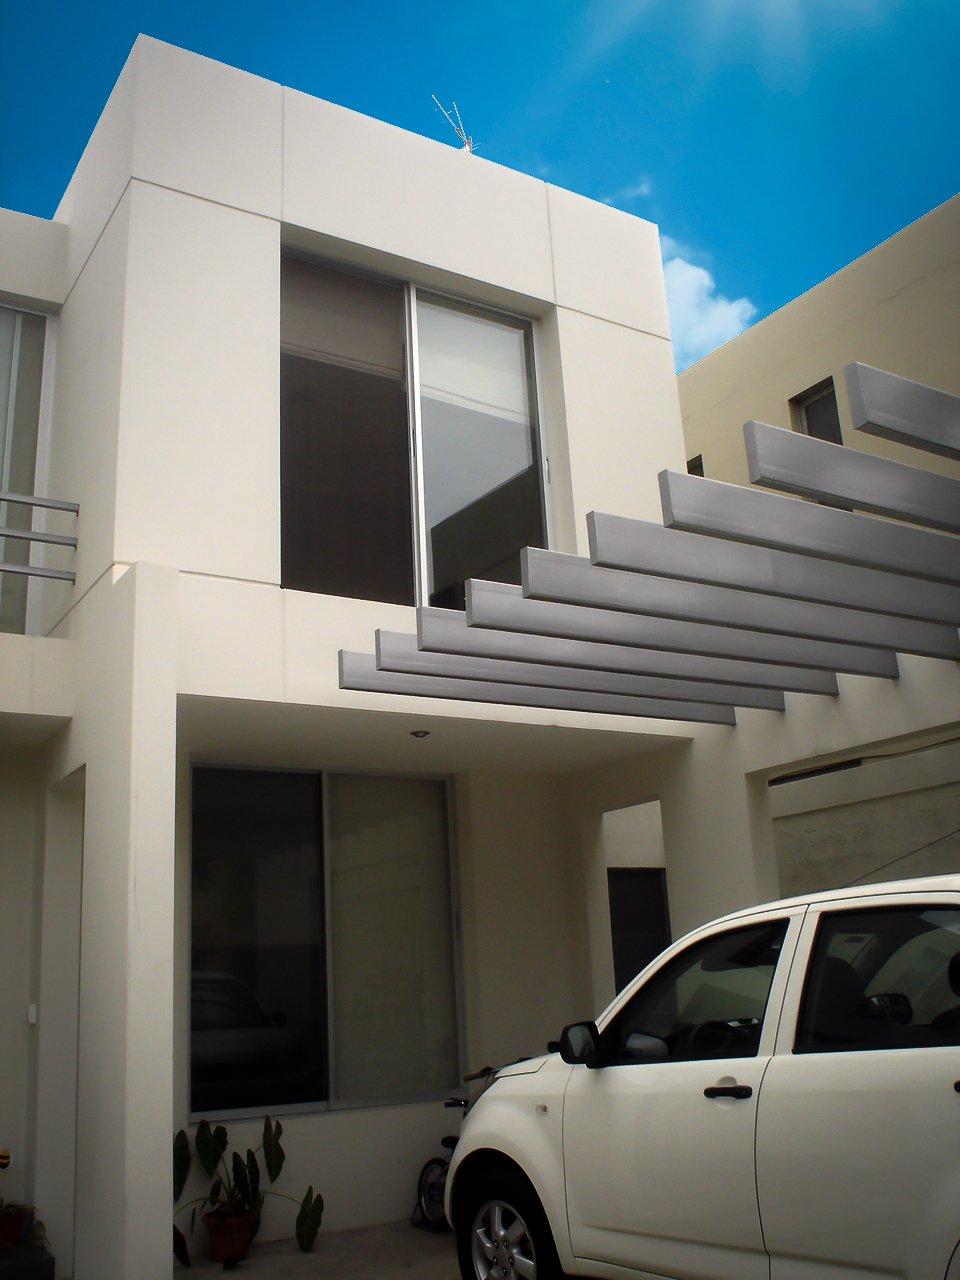 Casa-Tee-Guayaquil-Samborondon-A3-Arquitectos-Quito-Ecuador